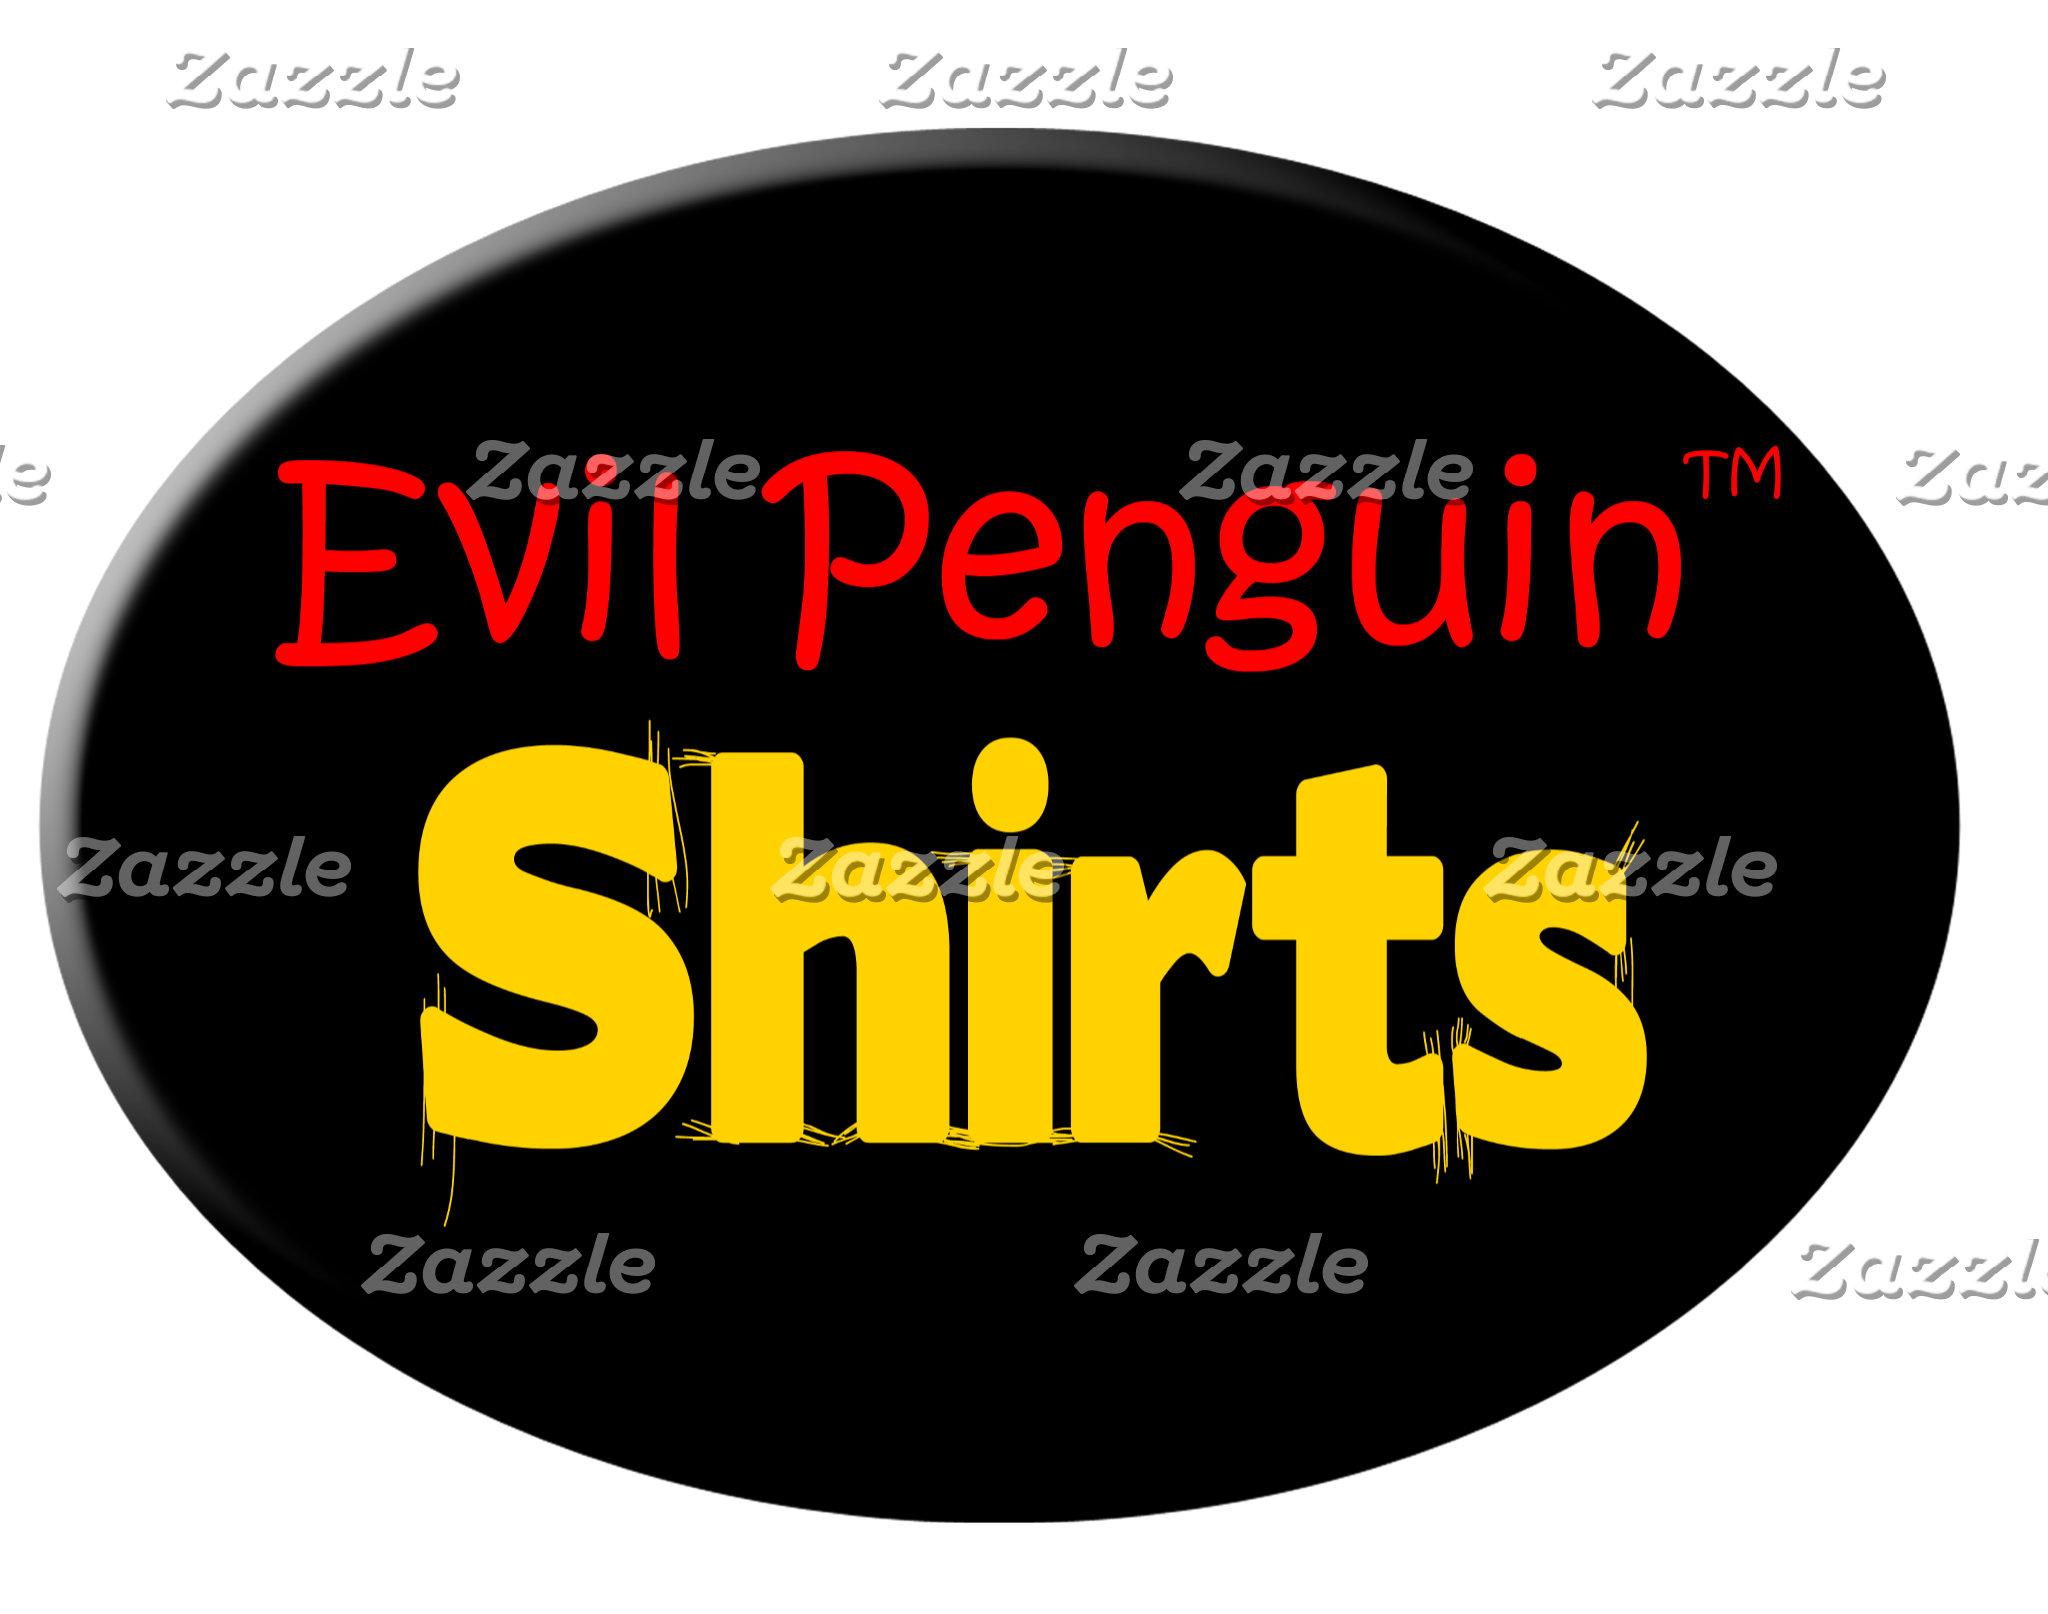 Evil Penguin Shirts